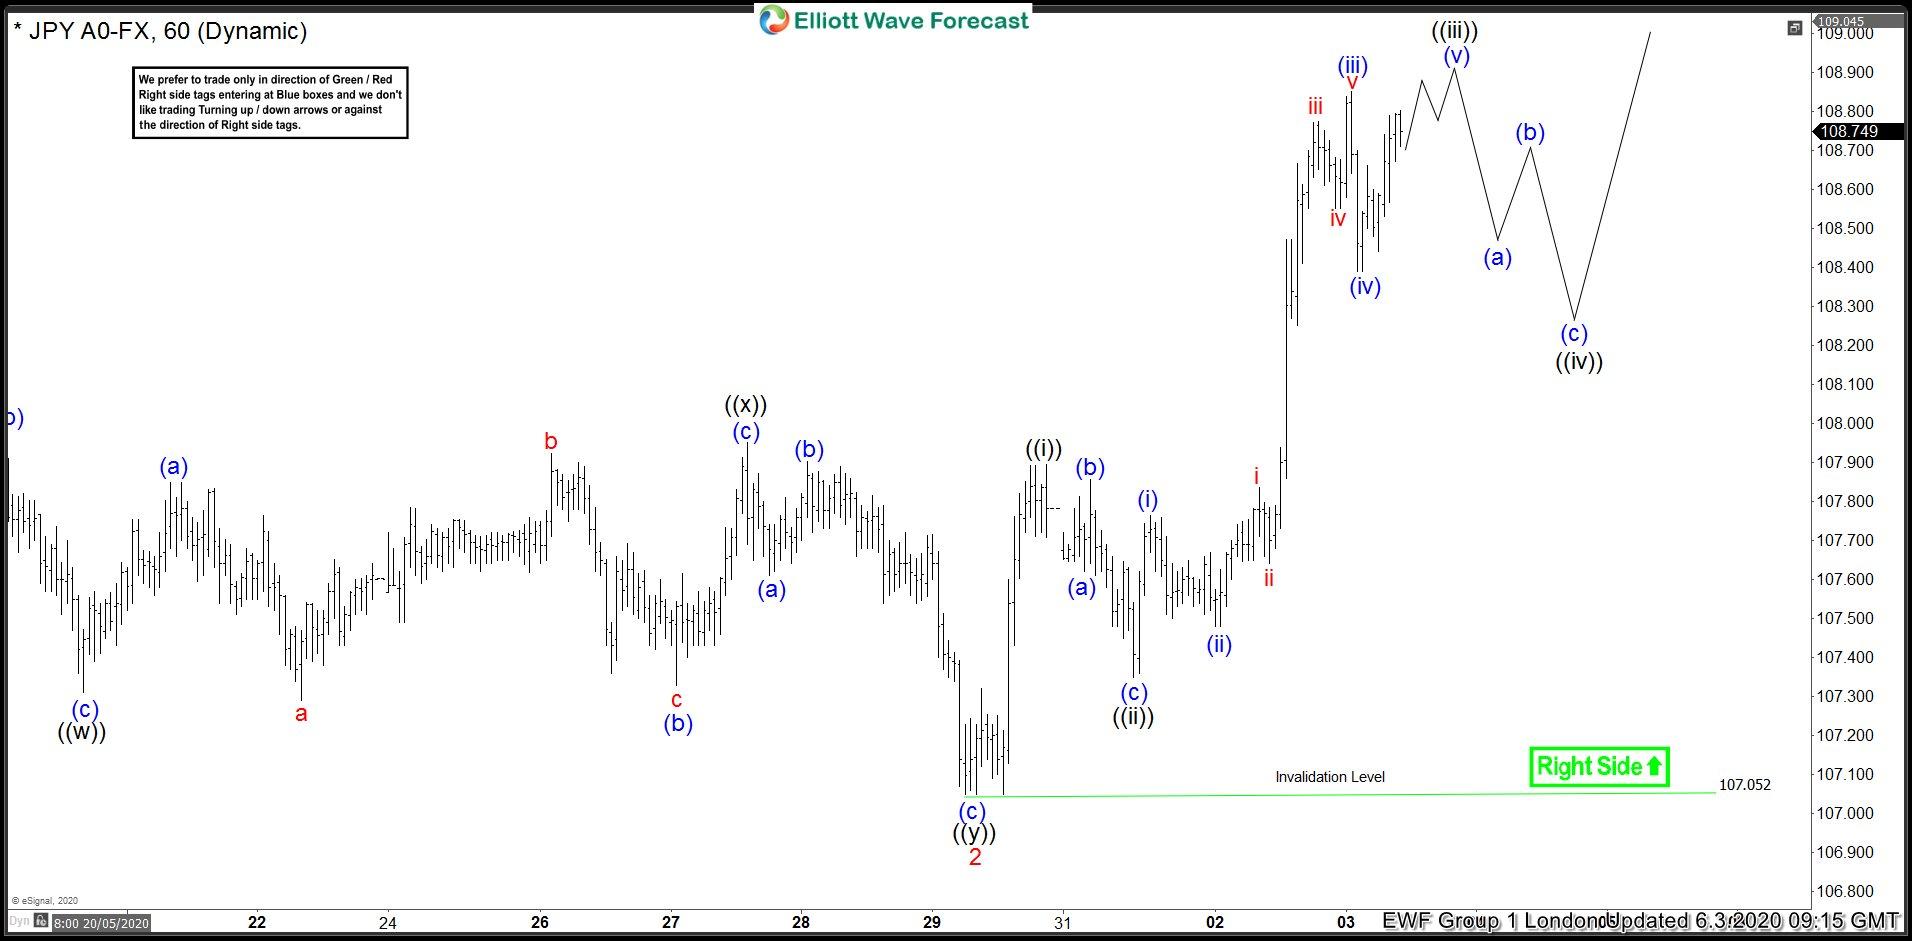 USDJPY 3 June 1 Hour London Elliott Wave Analysis